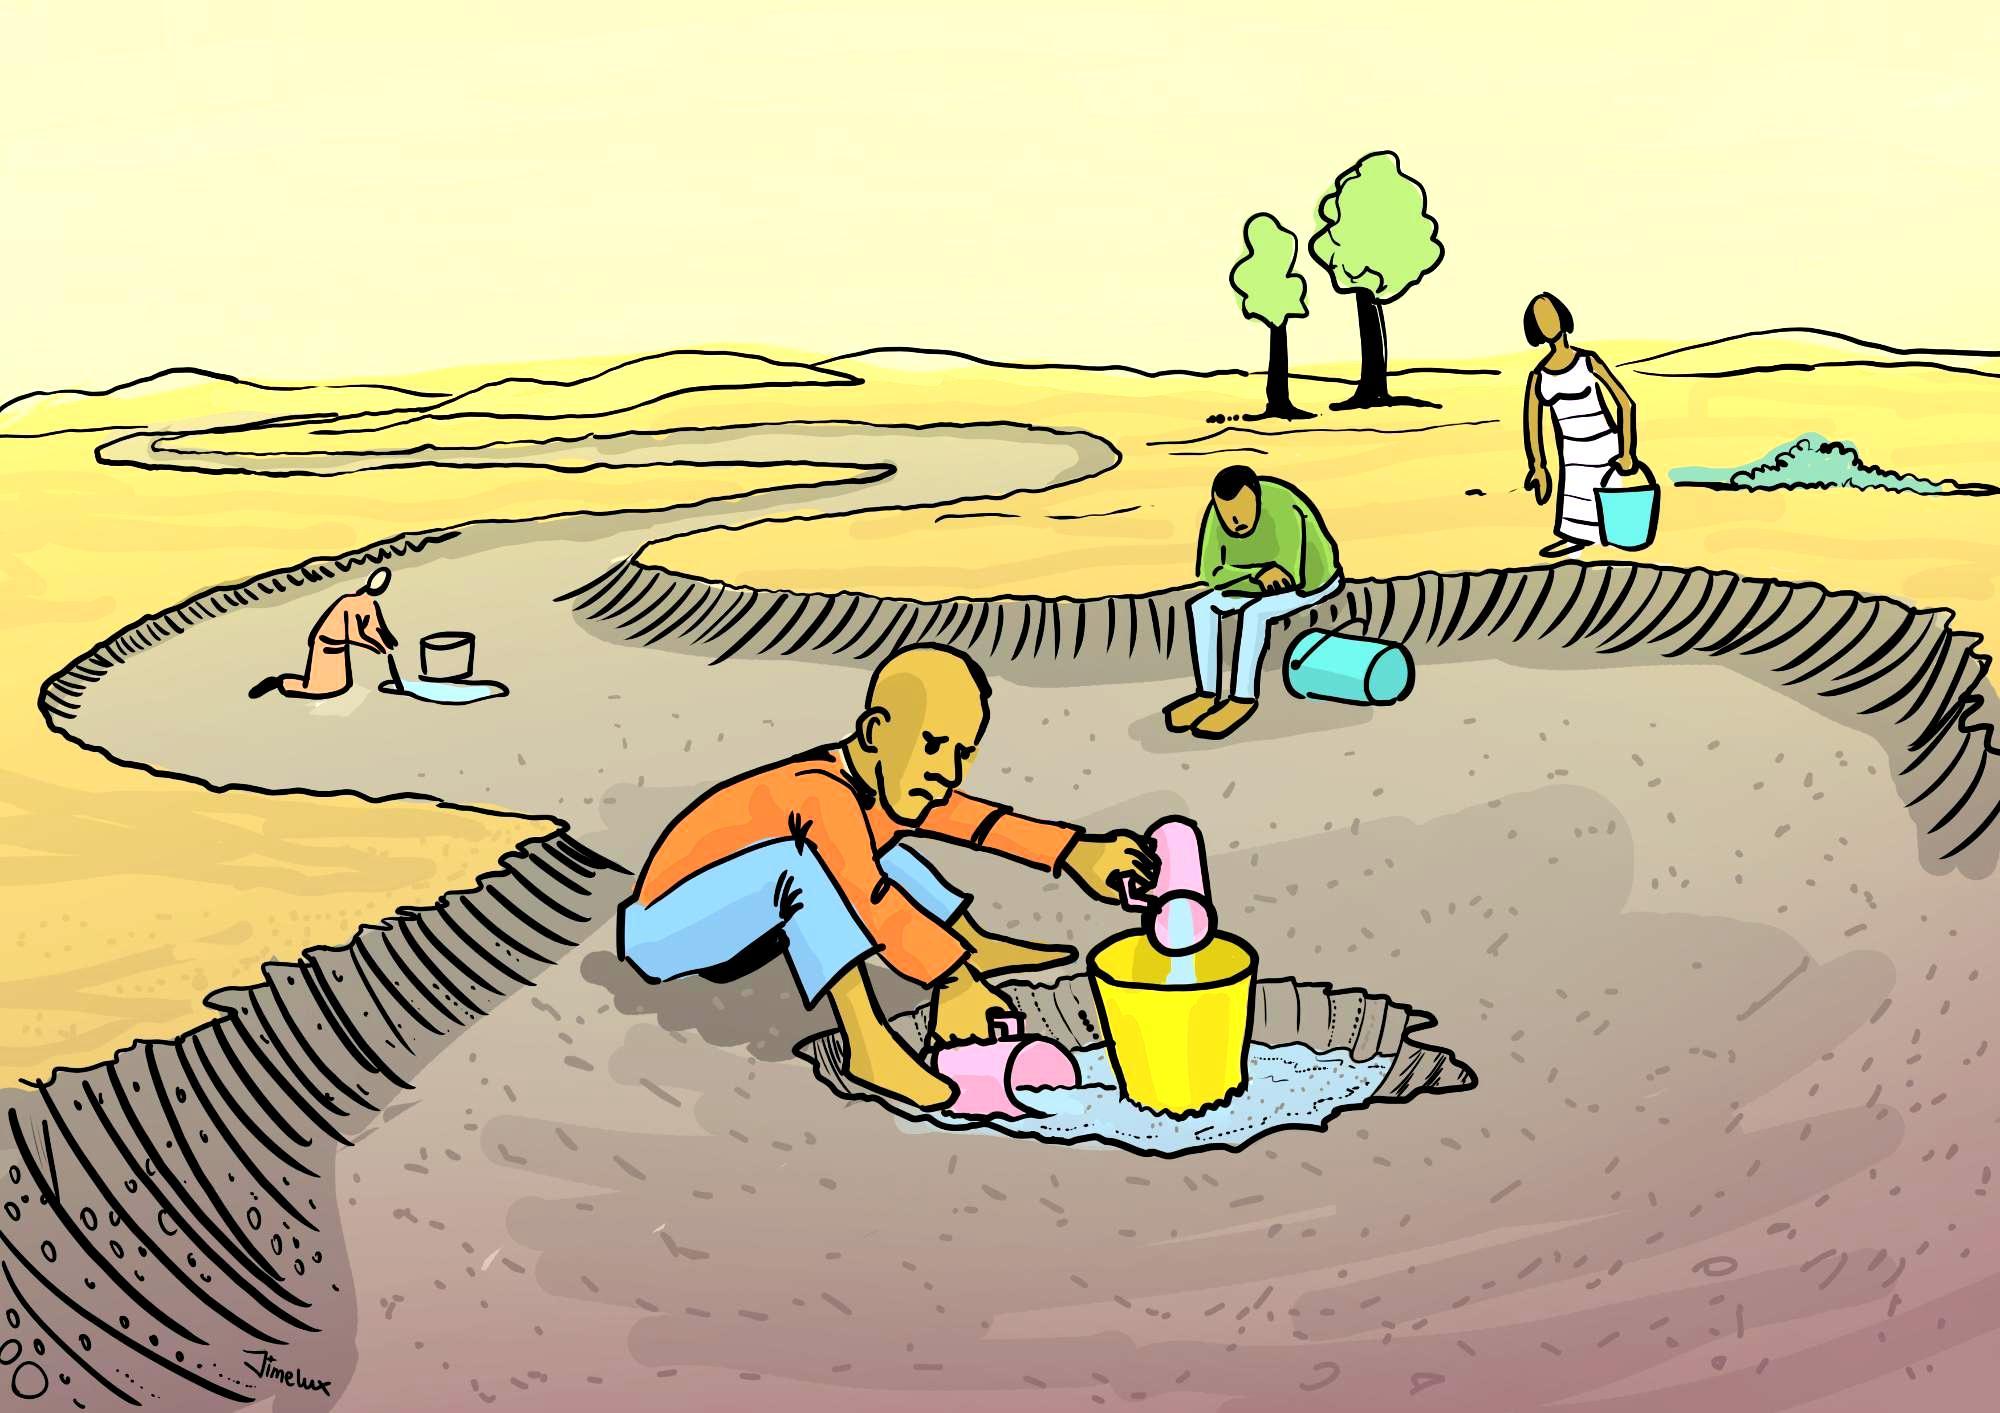 Water Hidden in Sand